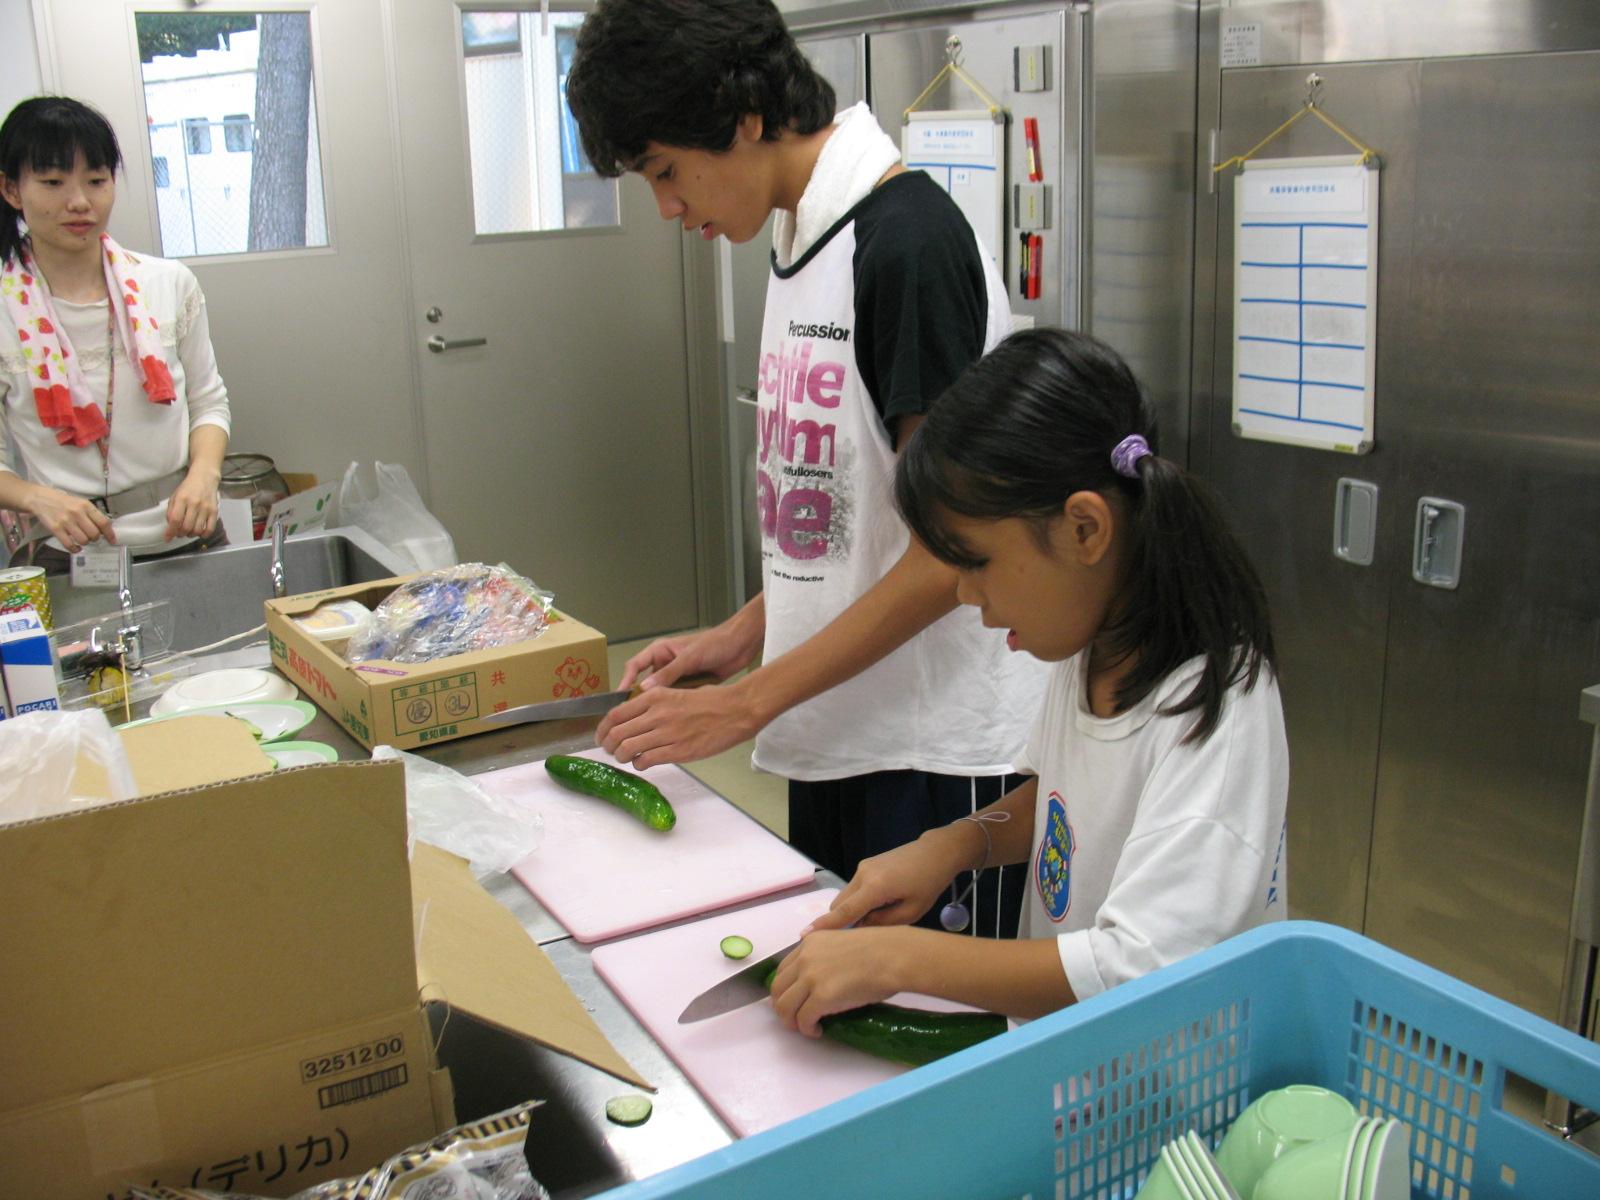 http://www.mundodealegria.org/2010/08/03/images/IMG_7782.jpg